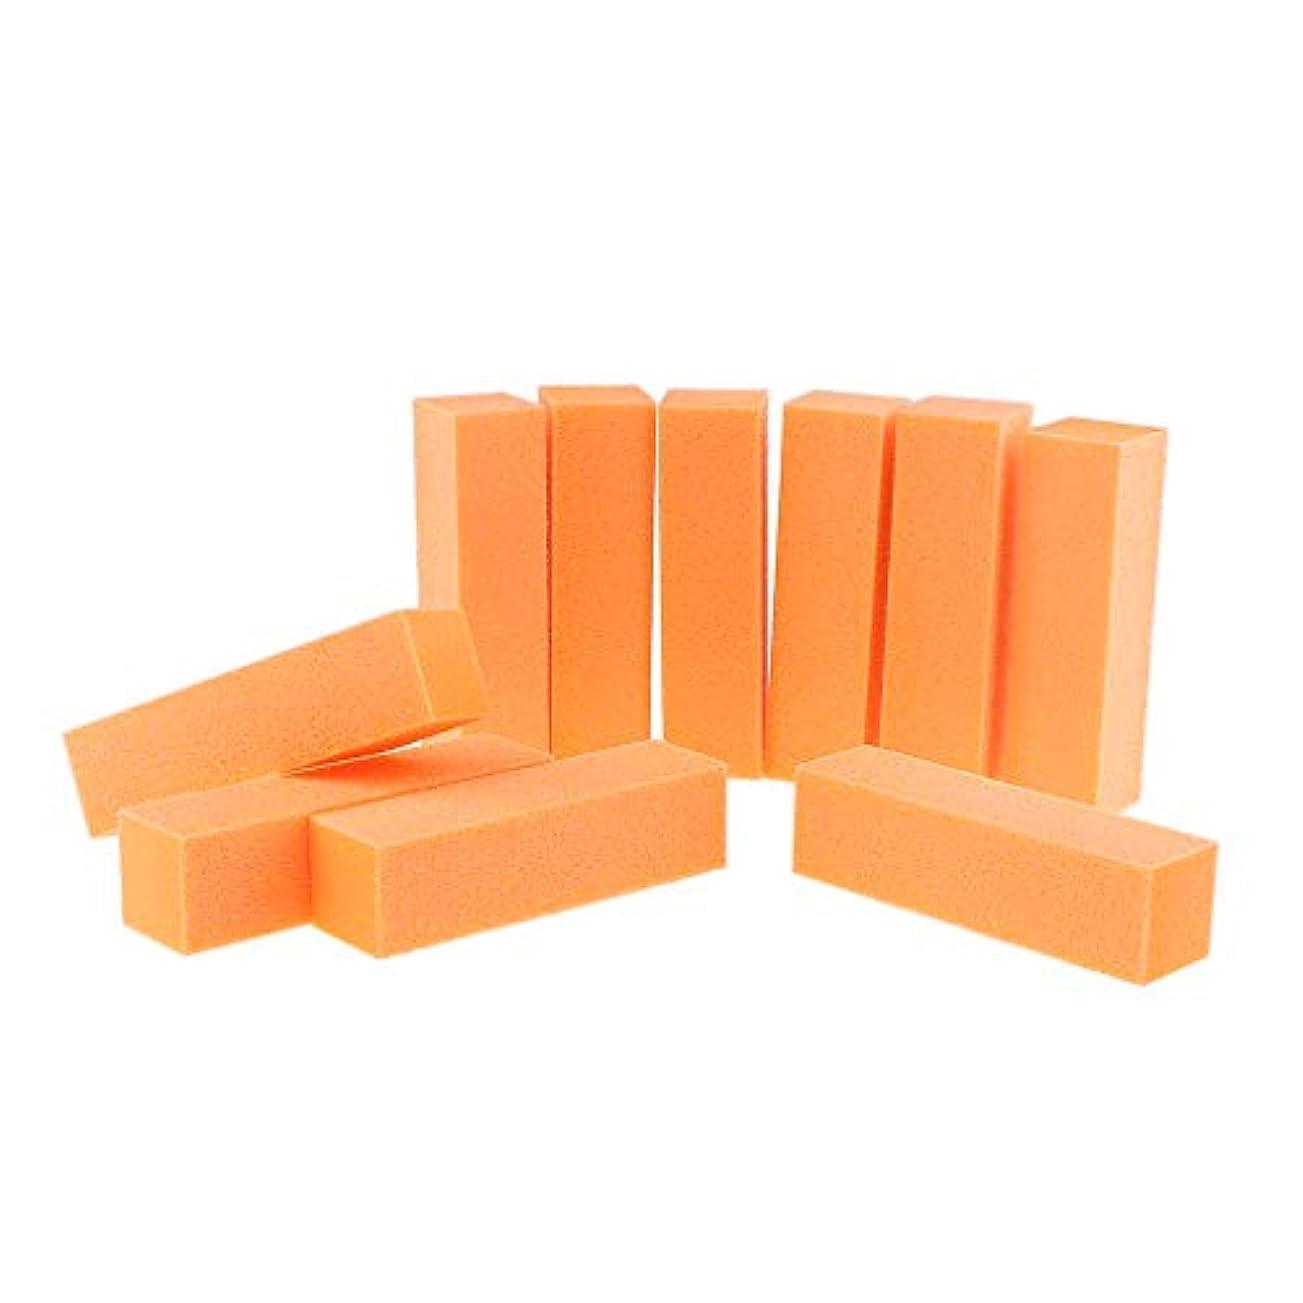 変化するレベルサンダー10PCSネイルアートケアバッファーバフ研磨サンディングブロックファイルグリットアクリルマニキュアツール-プロフェッショナルサロン使用または家庭用 - オレンジ